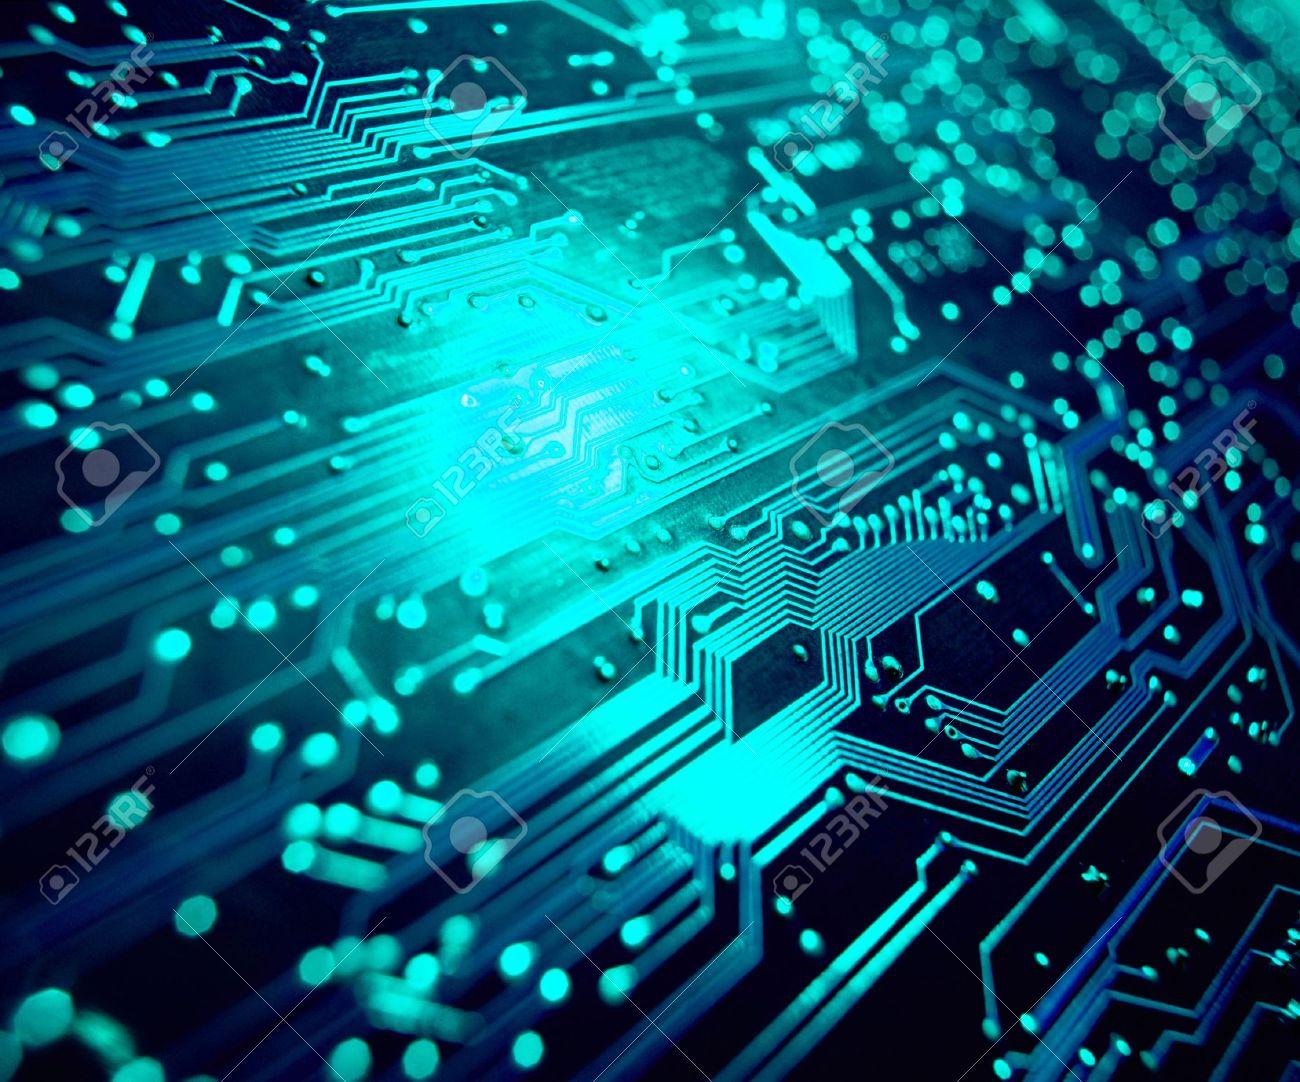 Circuito Electronico : Detalle de la placa de circuito electrónico centrarse en